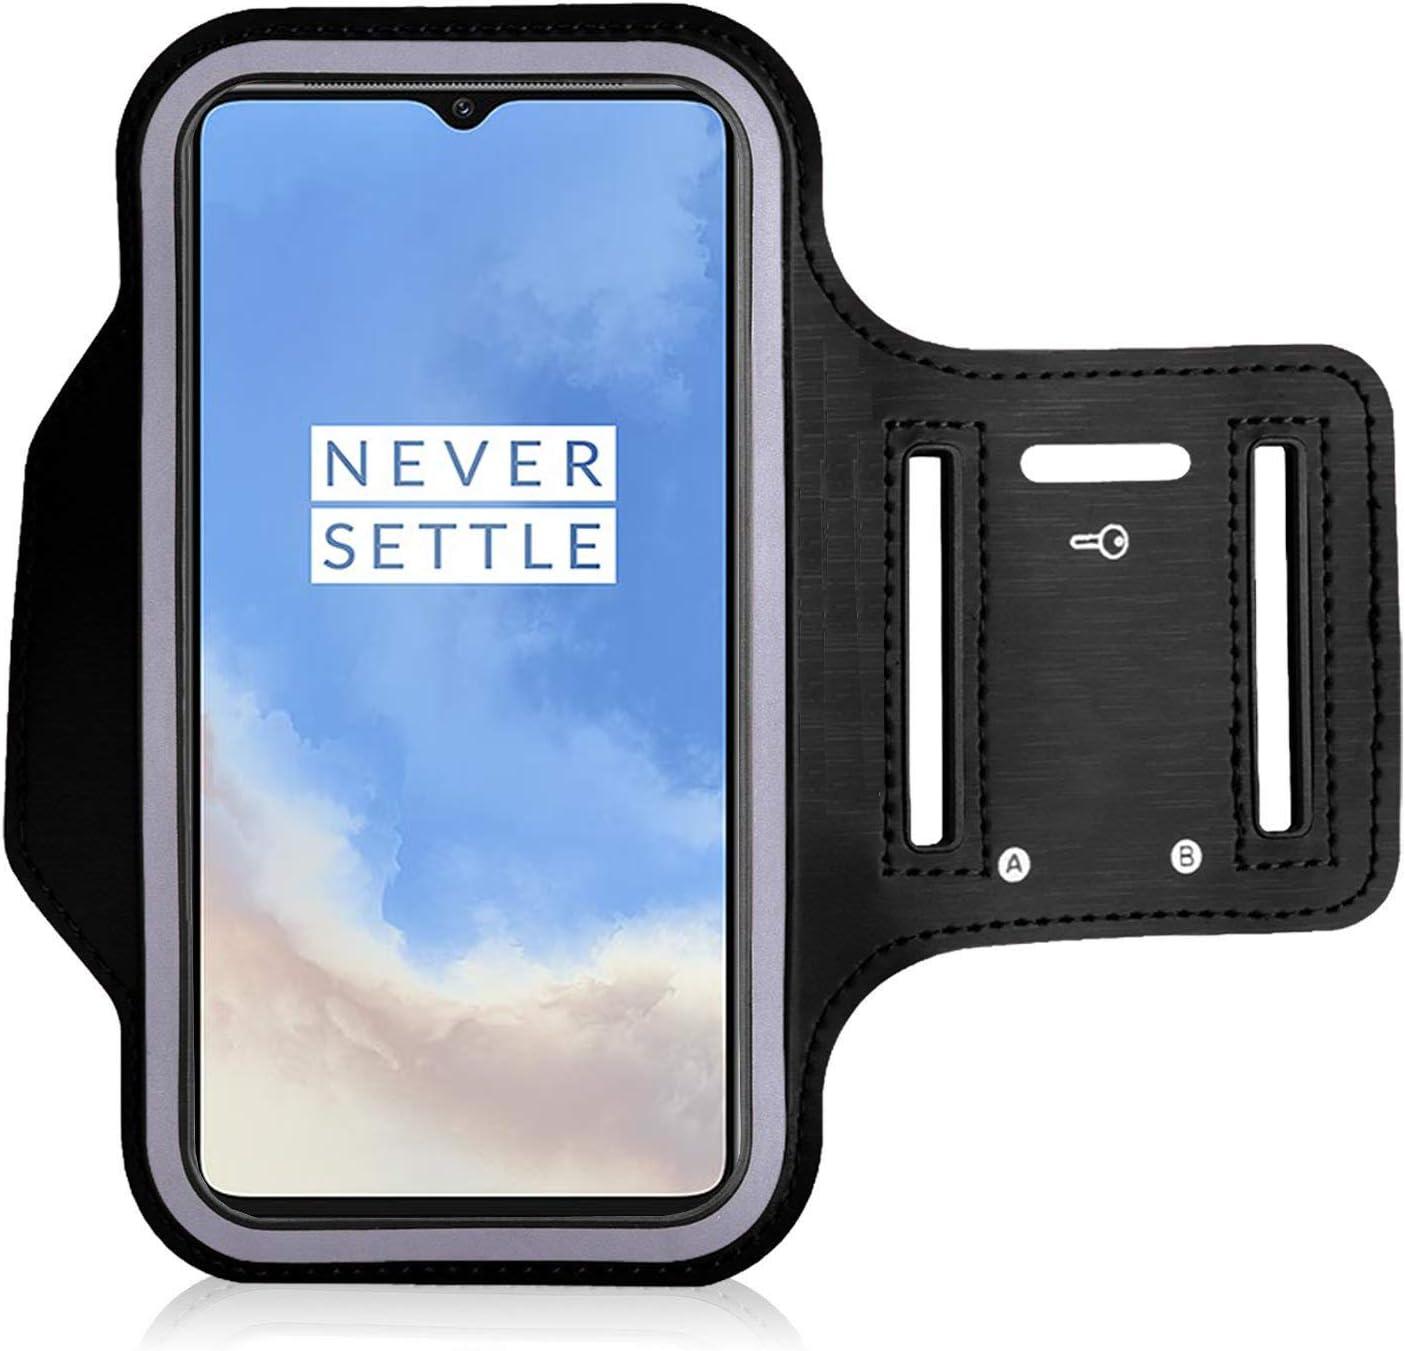 Fascia da Braccio per Auricolare Sweatproof Bracciale con Corsa e Porta Chiavi e prolunga da Polso OnePlus 6T Custodia da Braccio iPro Accessories OnePlus 6T Corsa Custodia Adatto per OnePlus 6T